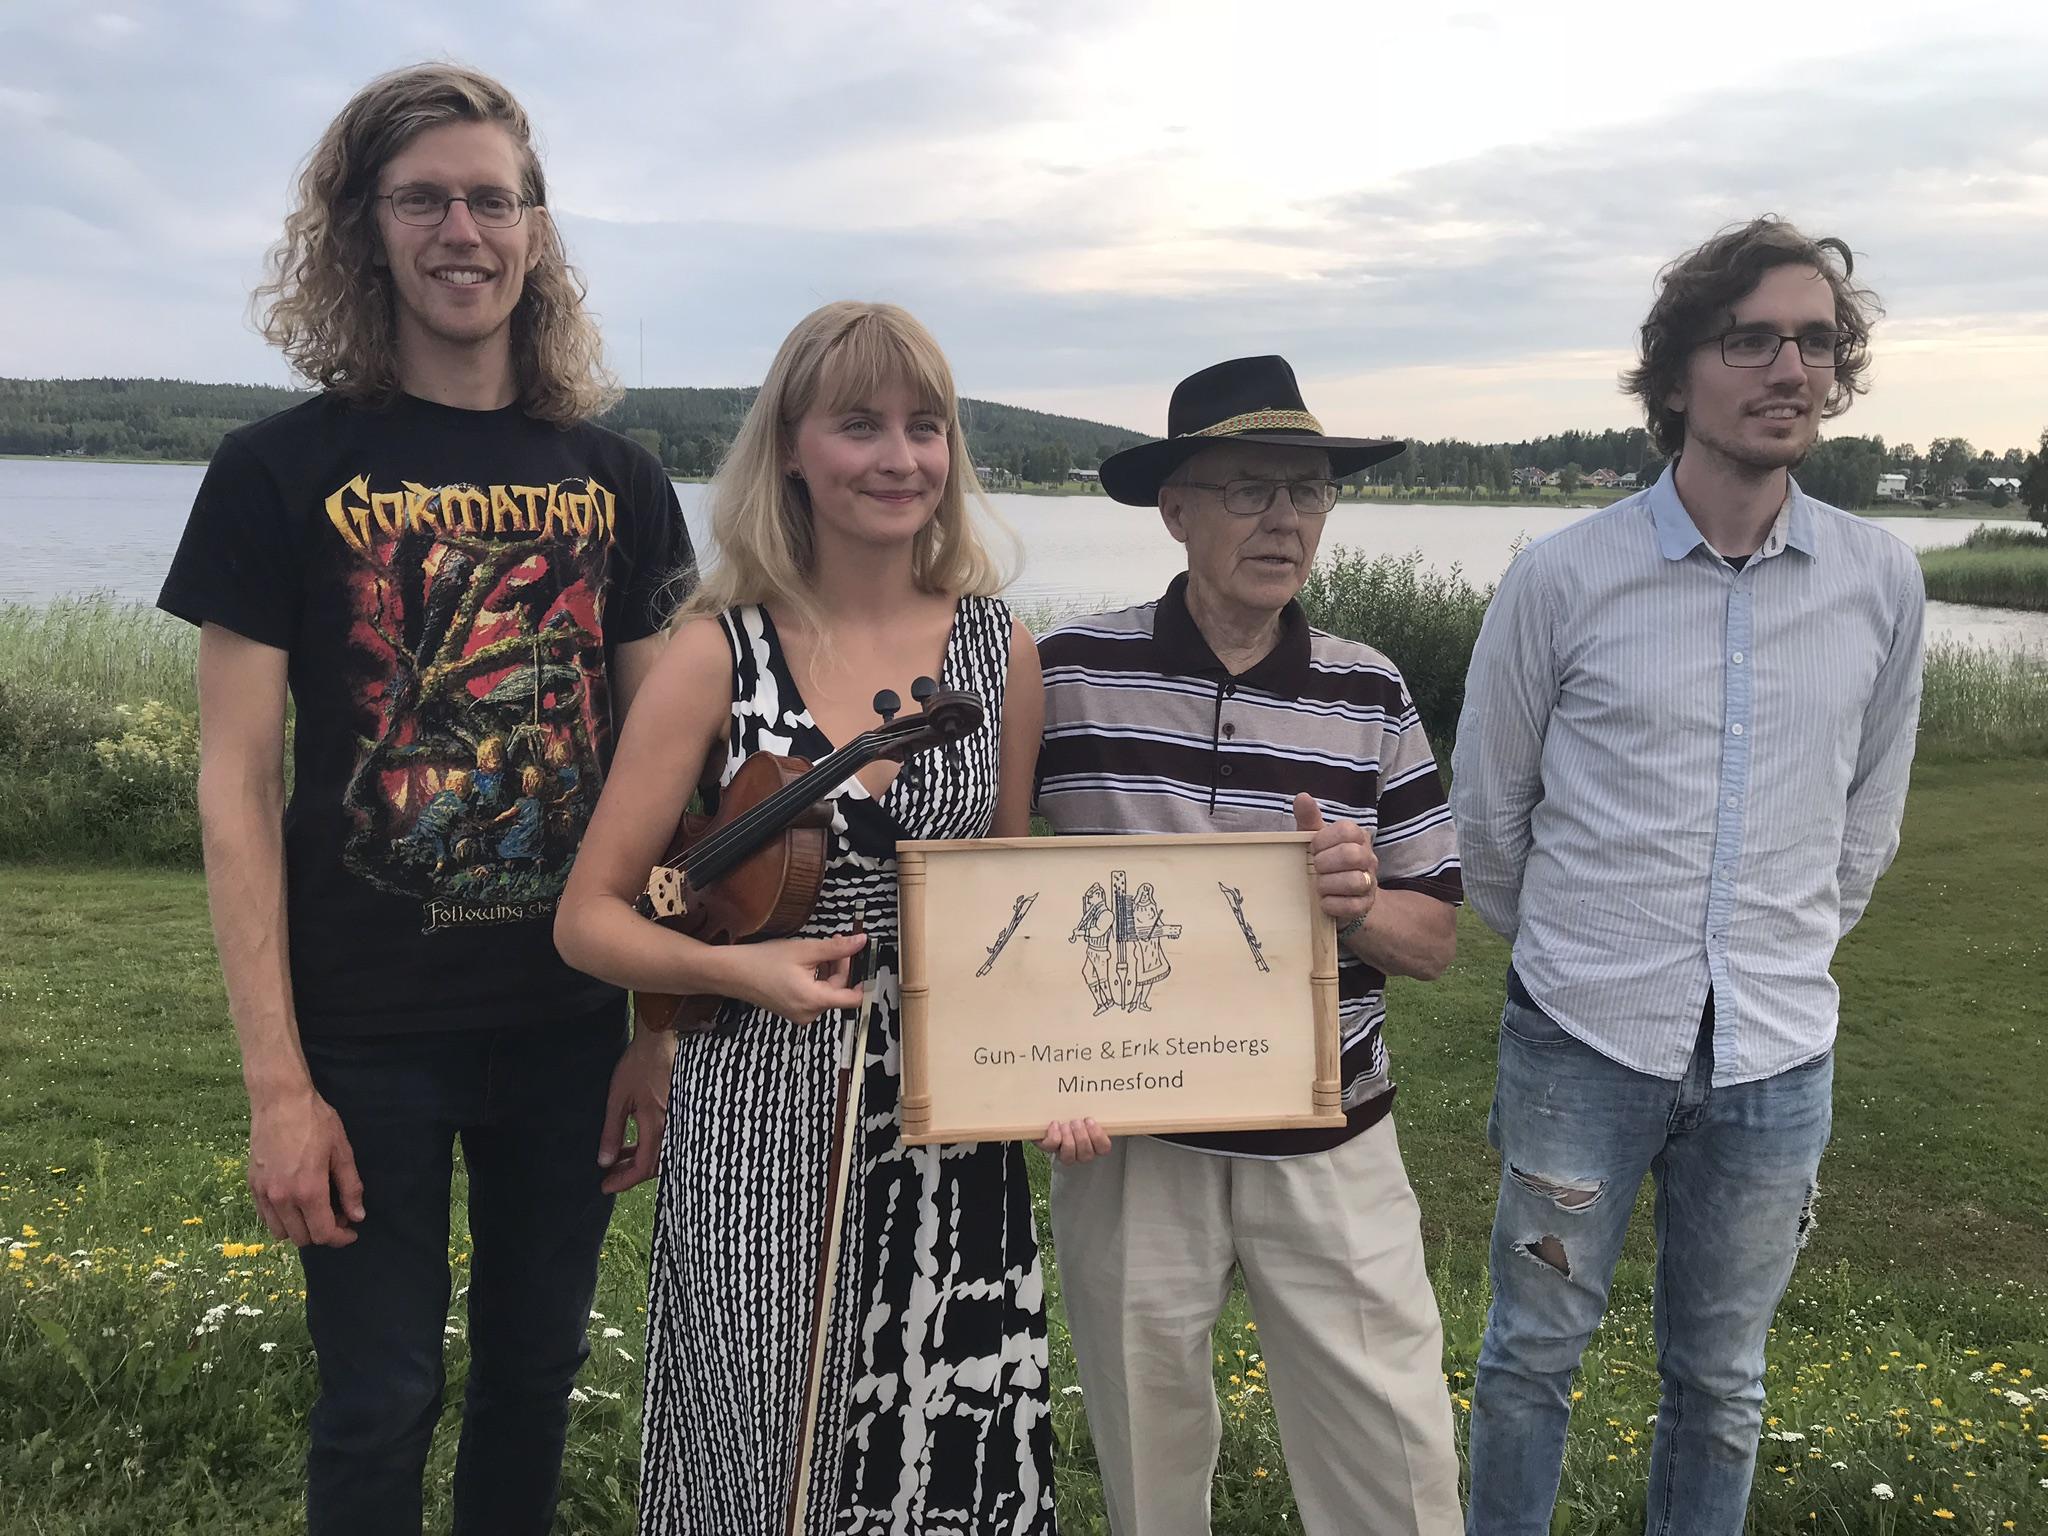 G&E stipendiat 2017 / 2018 - Johan Lingegård & Arvid Staaf / Celina Larsson